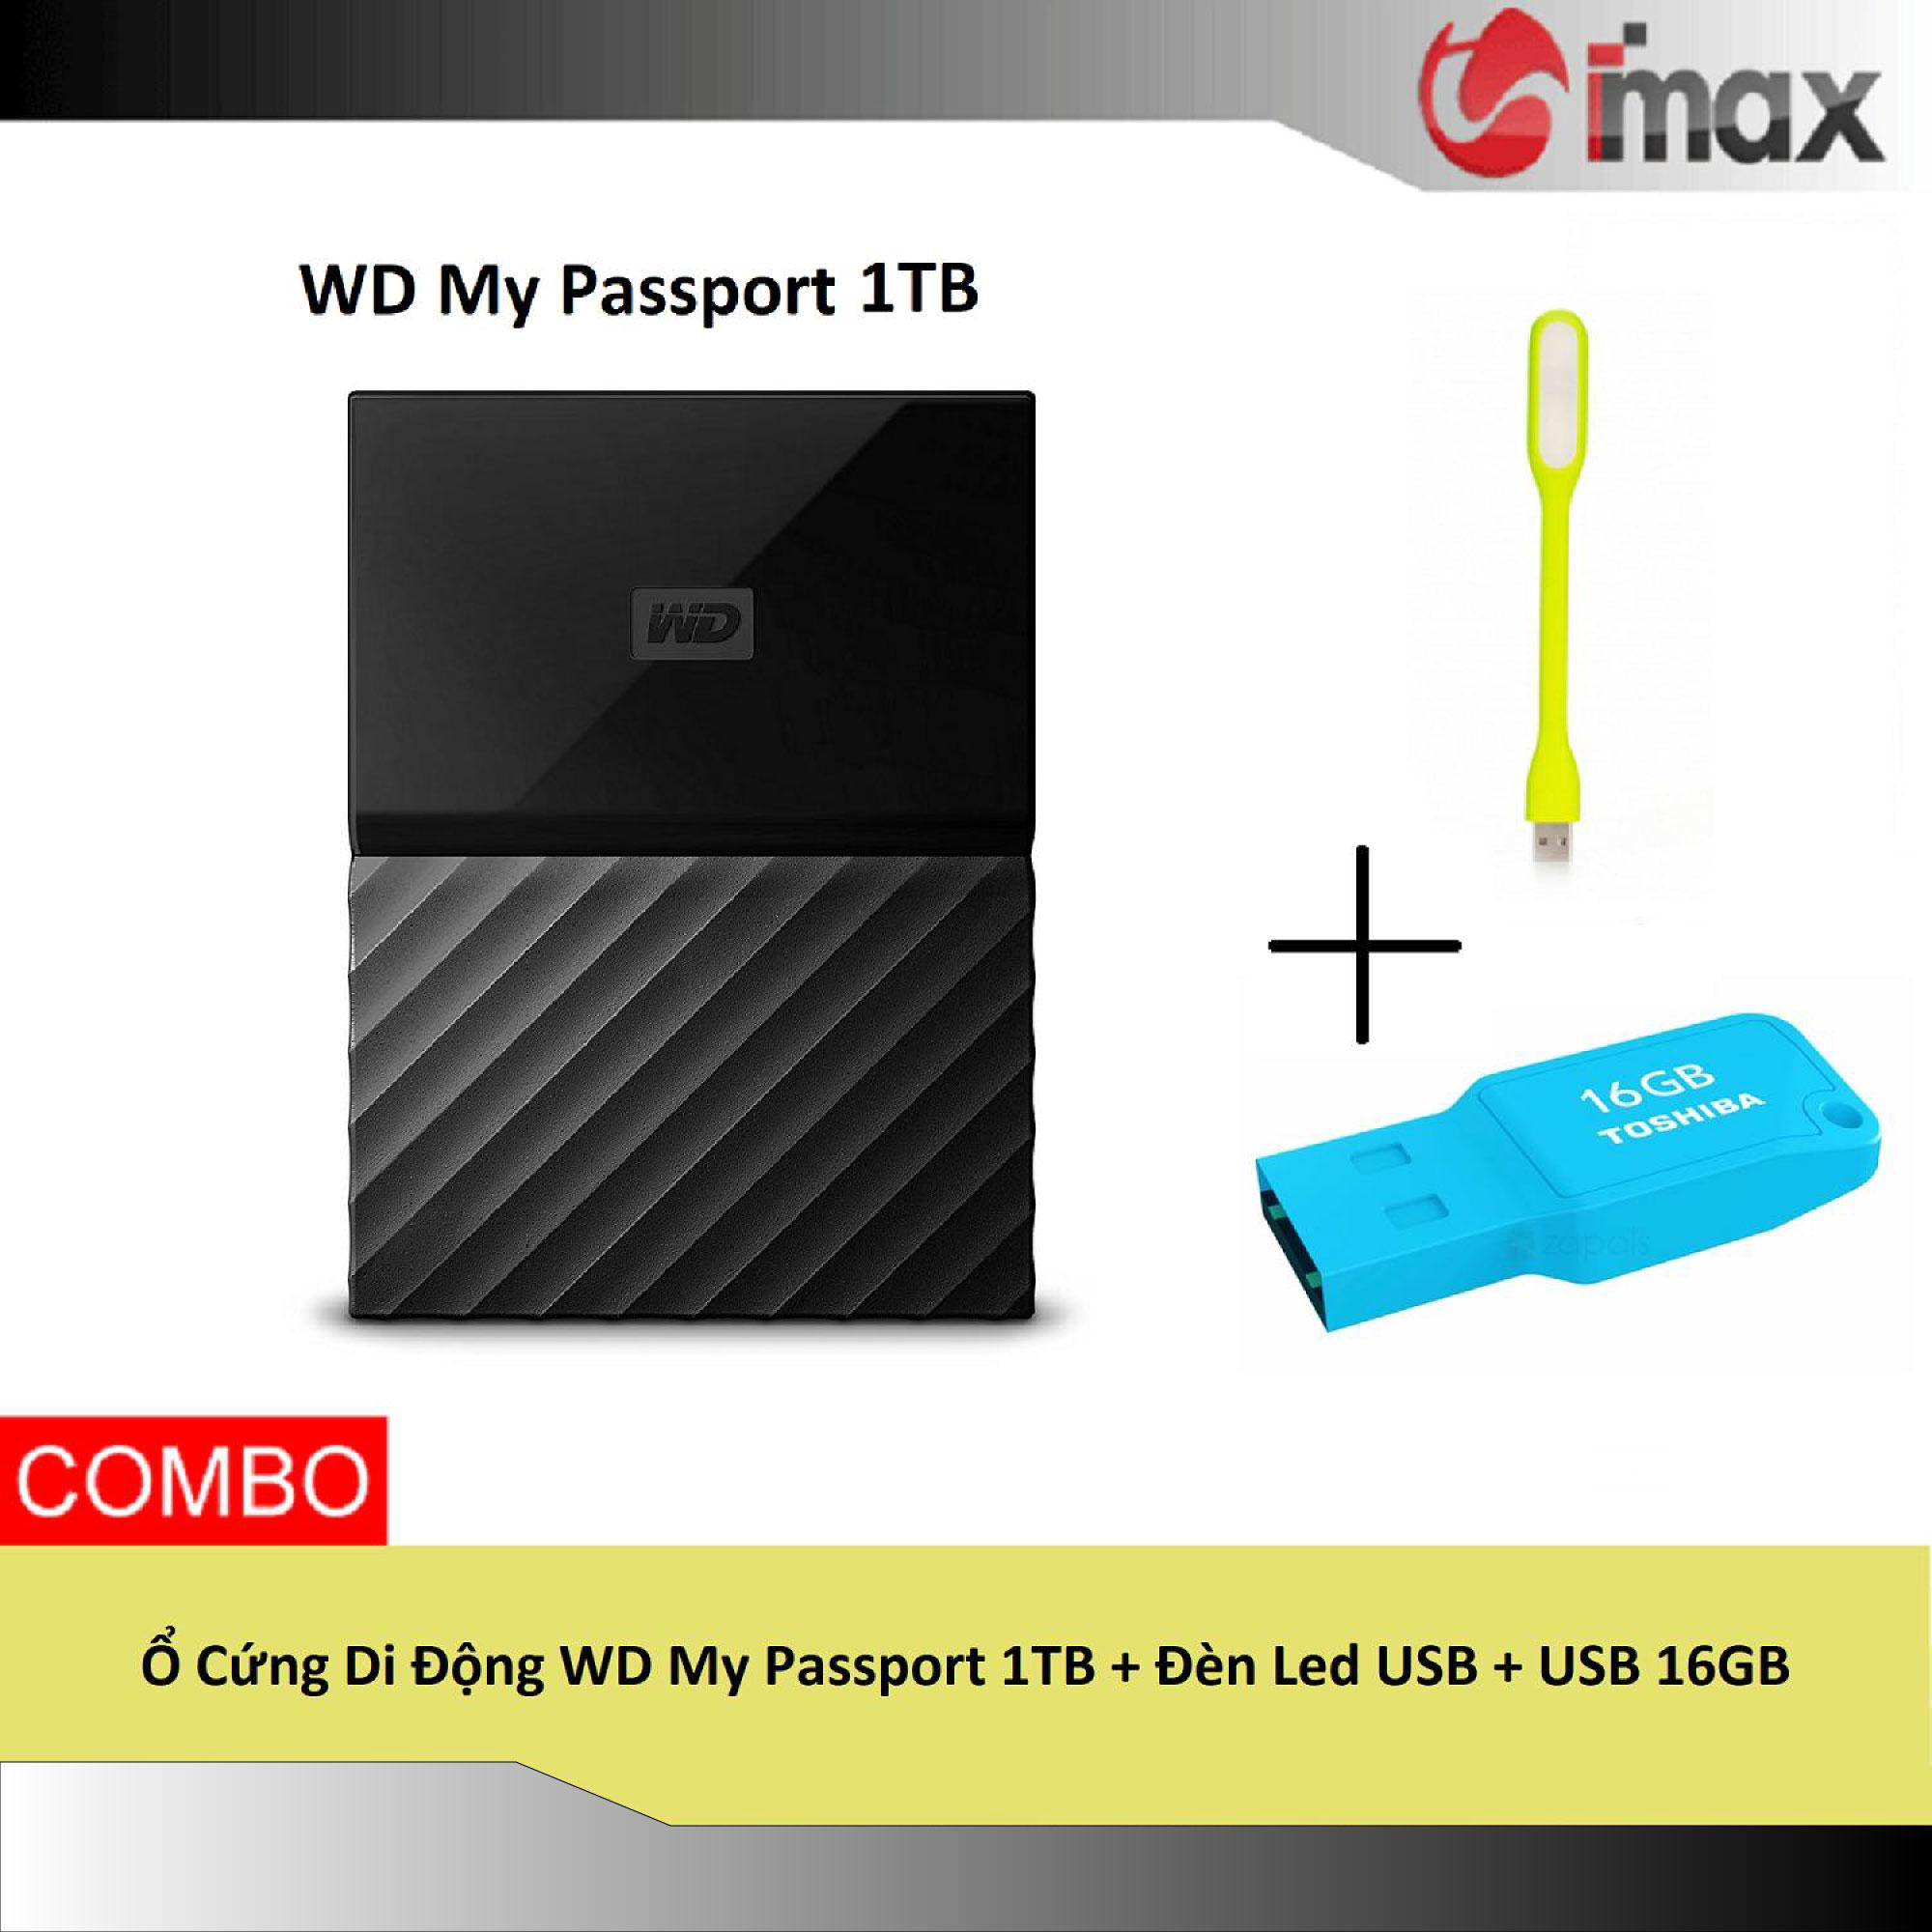 Ổ Cứng Di Động WD My Passport HDD 1TB + Đèn Led USB + USB 16GB